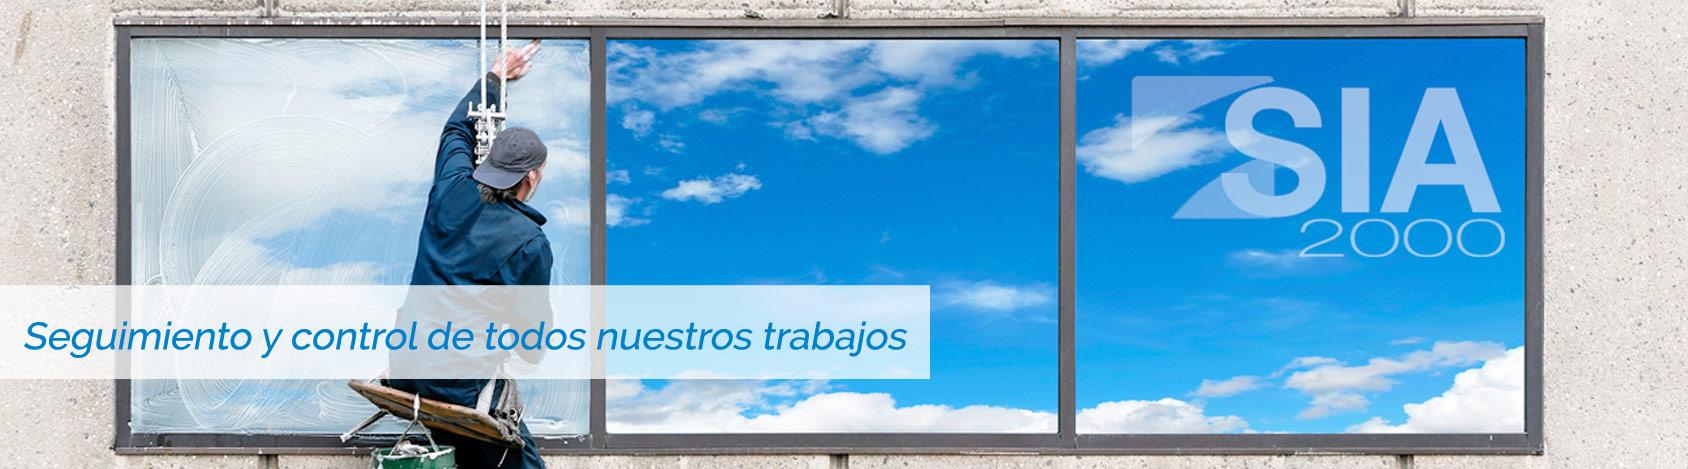 Ofertas de limpieza en Sevilla